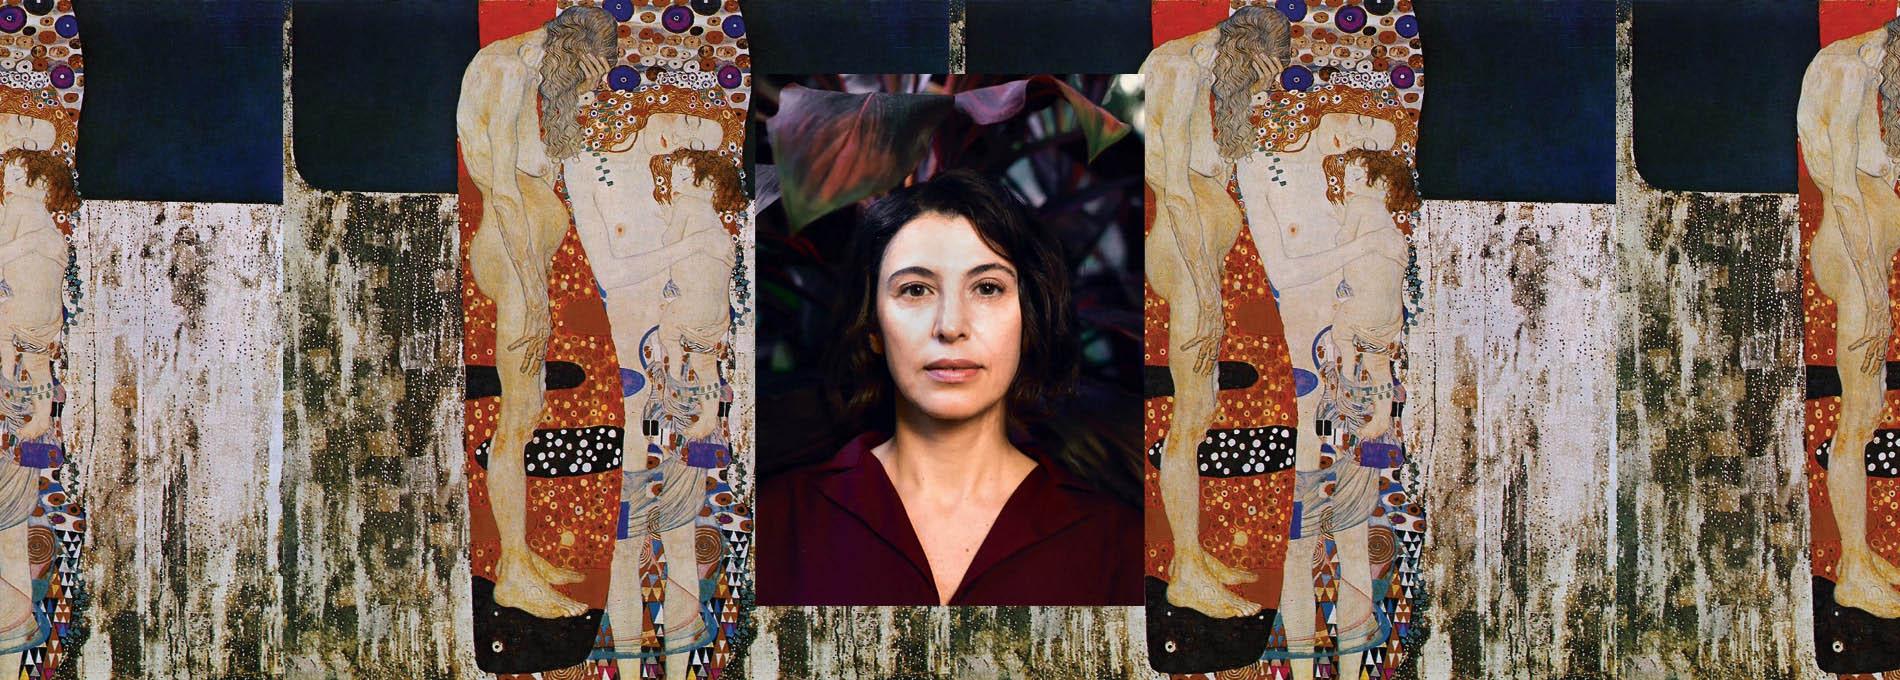 Giovana Madalosso Sobre Pinturas de Klimt As Três Idades da Mulher